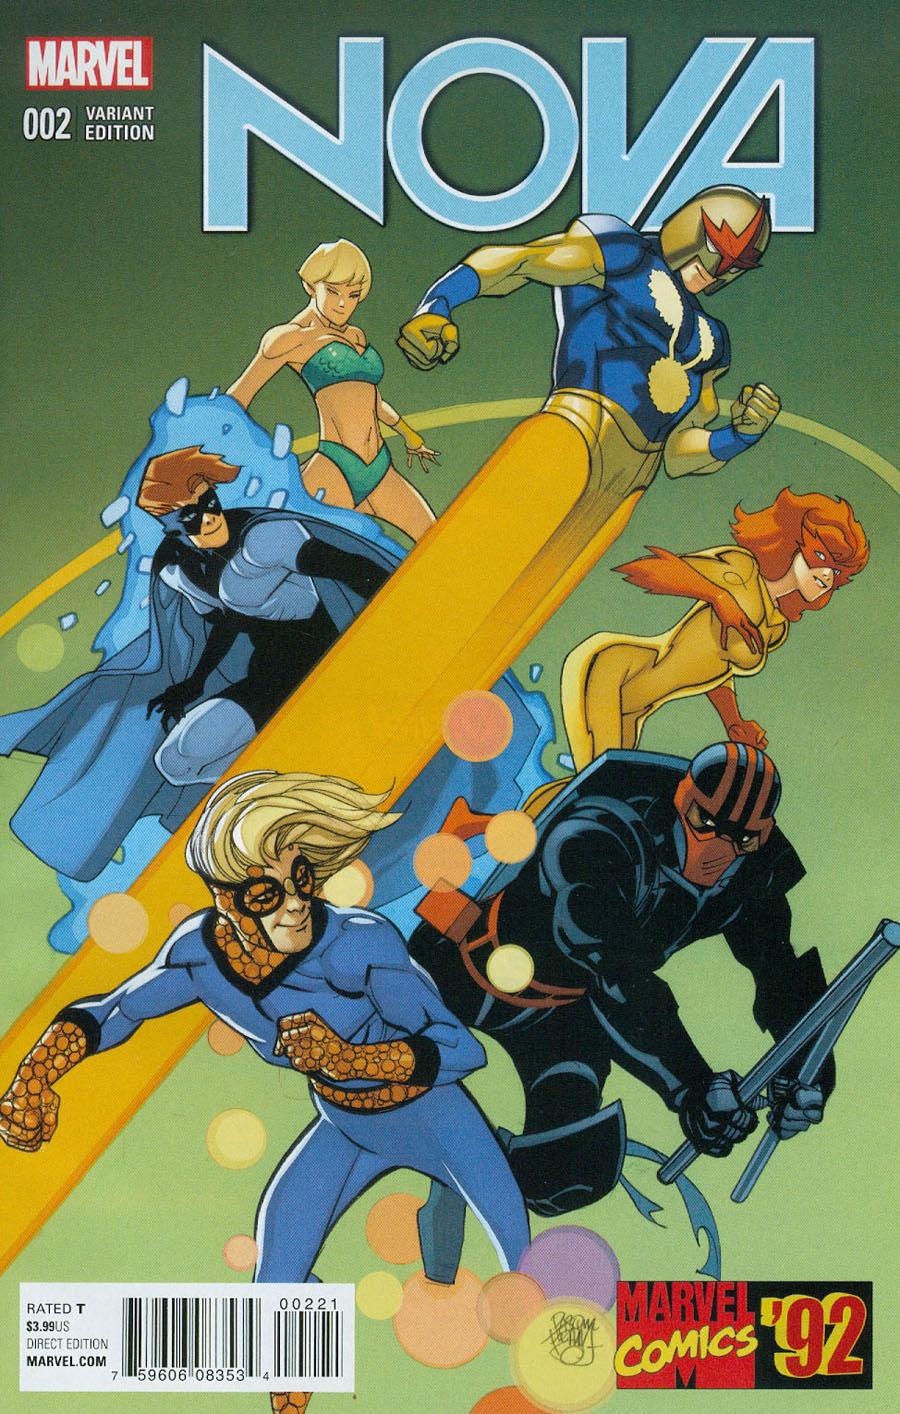 Nova Vol 6 #2 Cover B Incentive Pasqual Ferry Marvel 92 Variant Cover